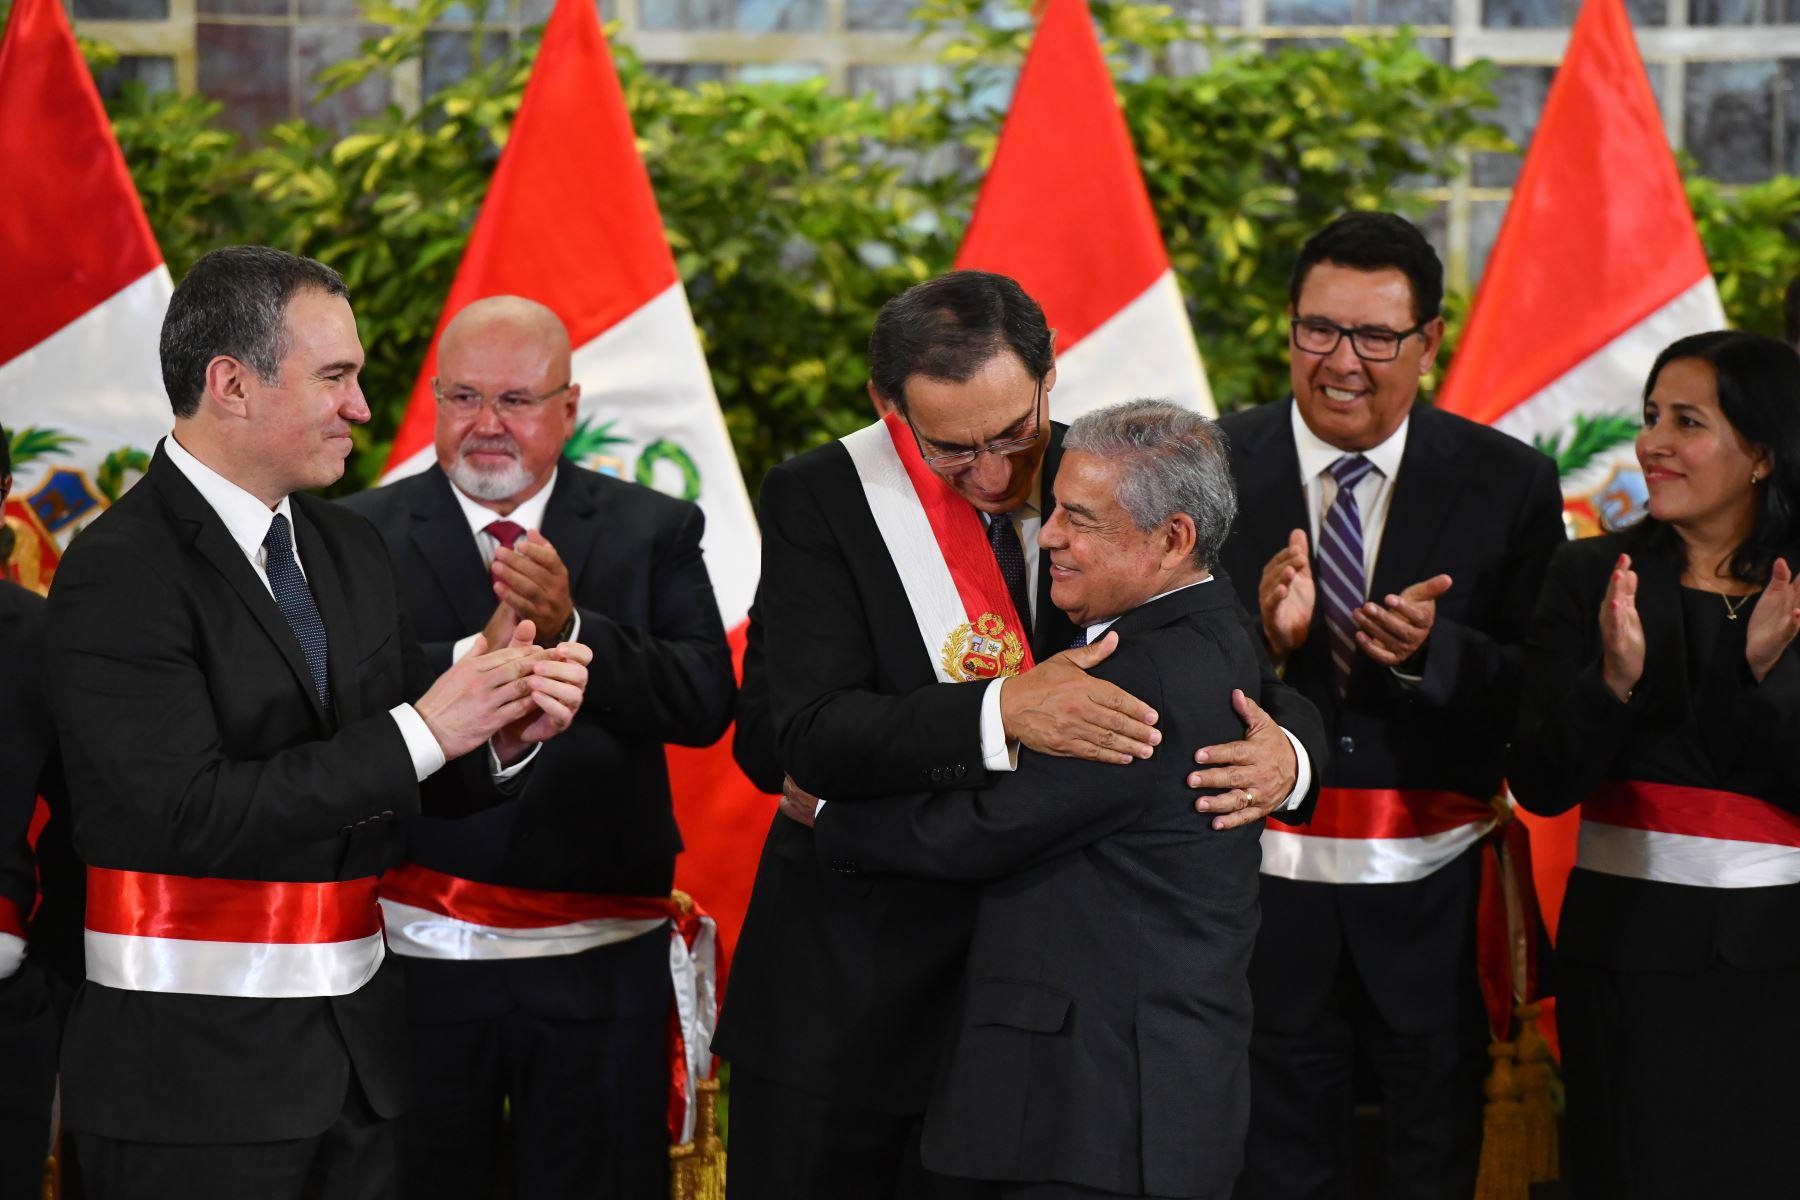 Presidente Vizcarra saluda al saliente jefe del gabinete, Cesar Villanueva. Foto: ANDINA/Prensa Presidencia